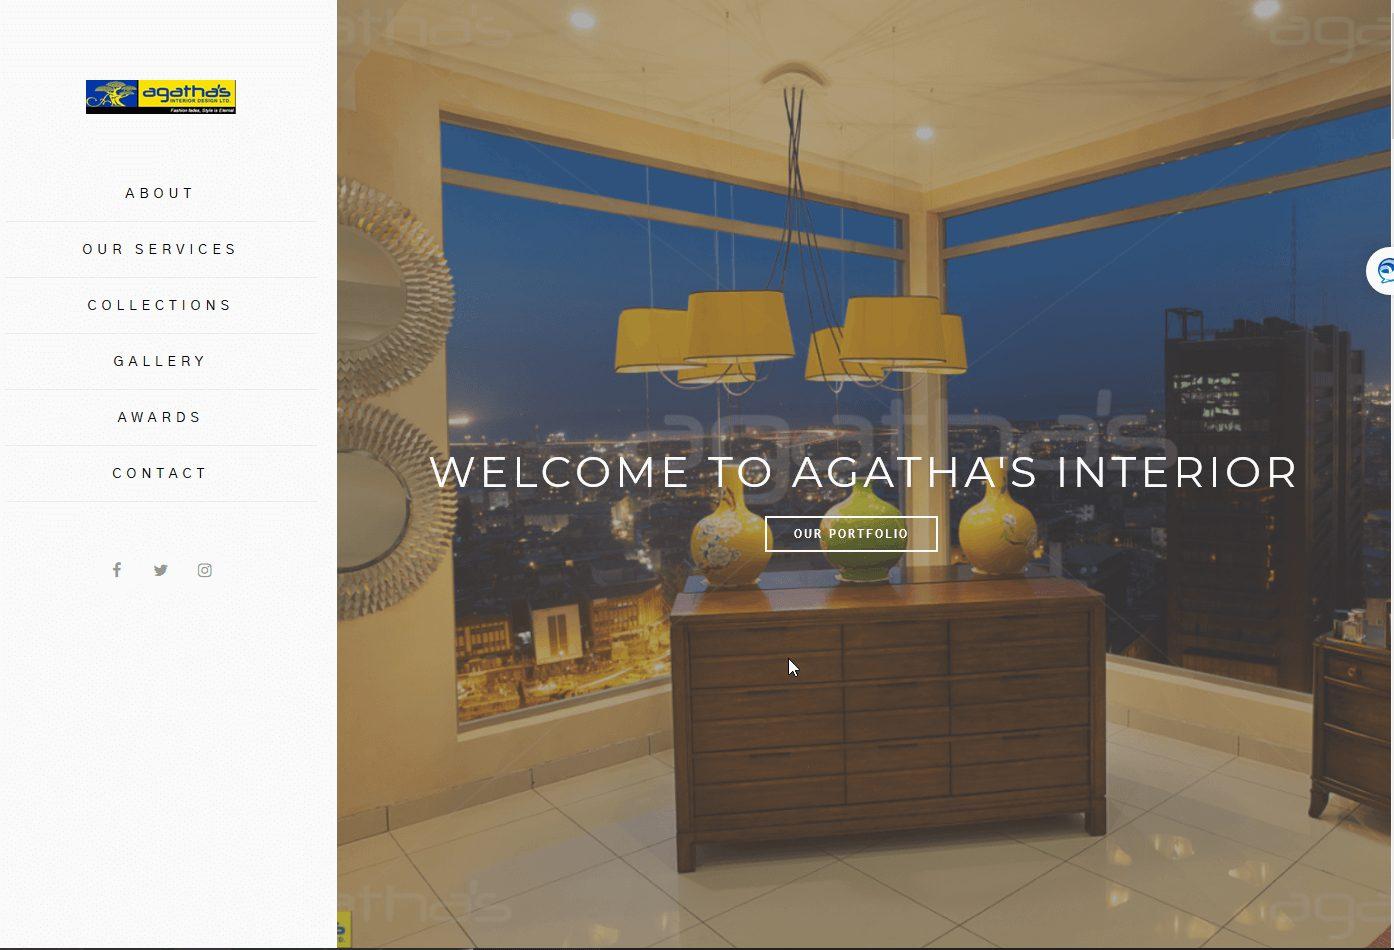 Agathas Interiors